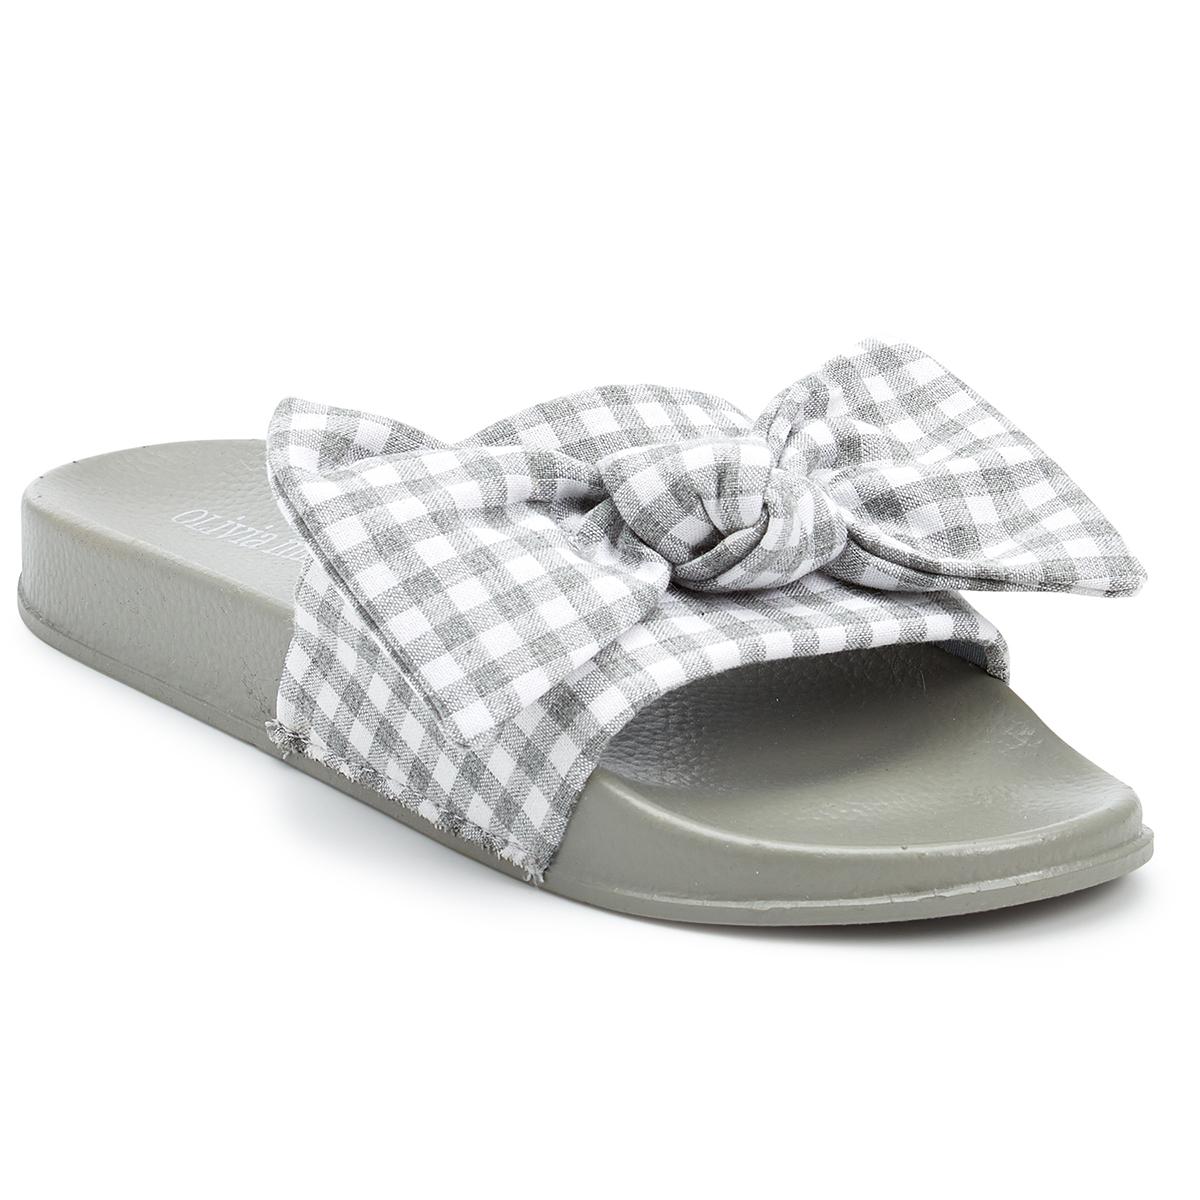 Olivia Miller Women's Gingham Bow Slide Sandals - Black, 7